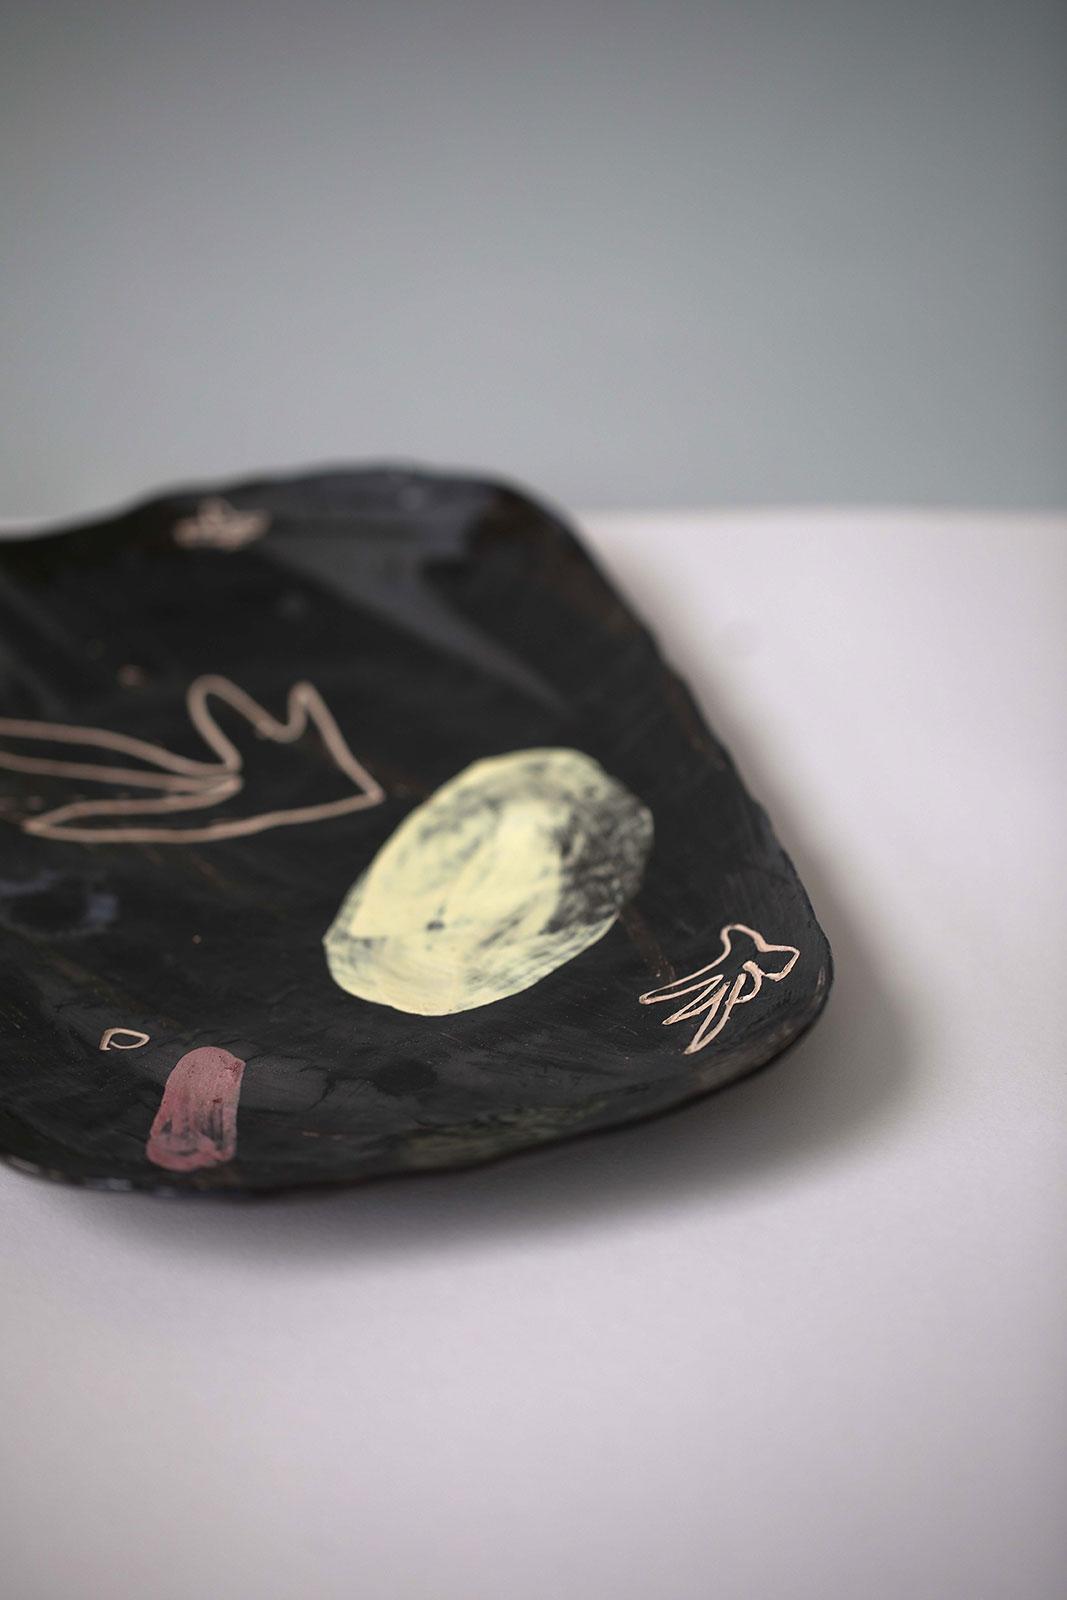 Декоративна тарілка з кераміки - Набір «Невимушеність» (Ручна робота)